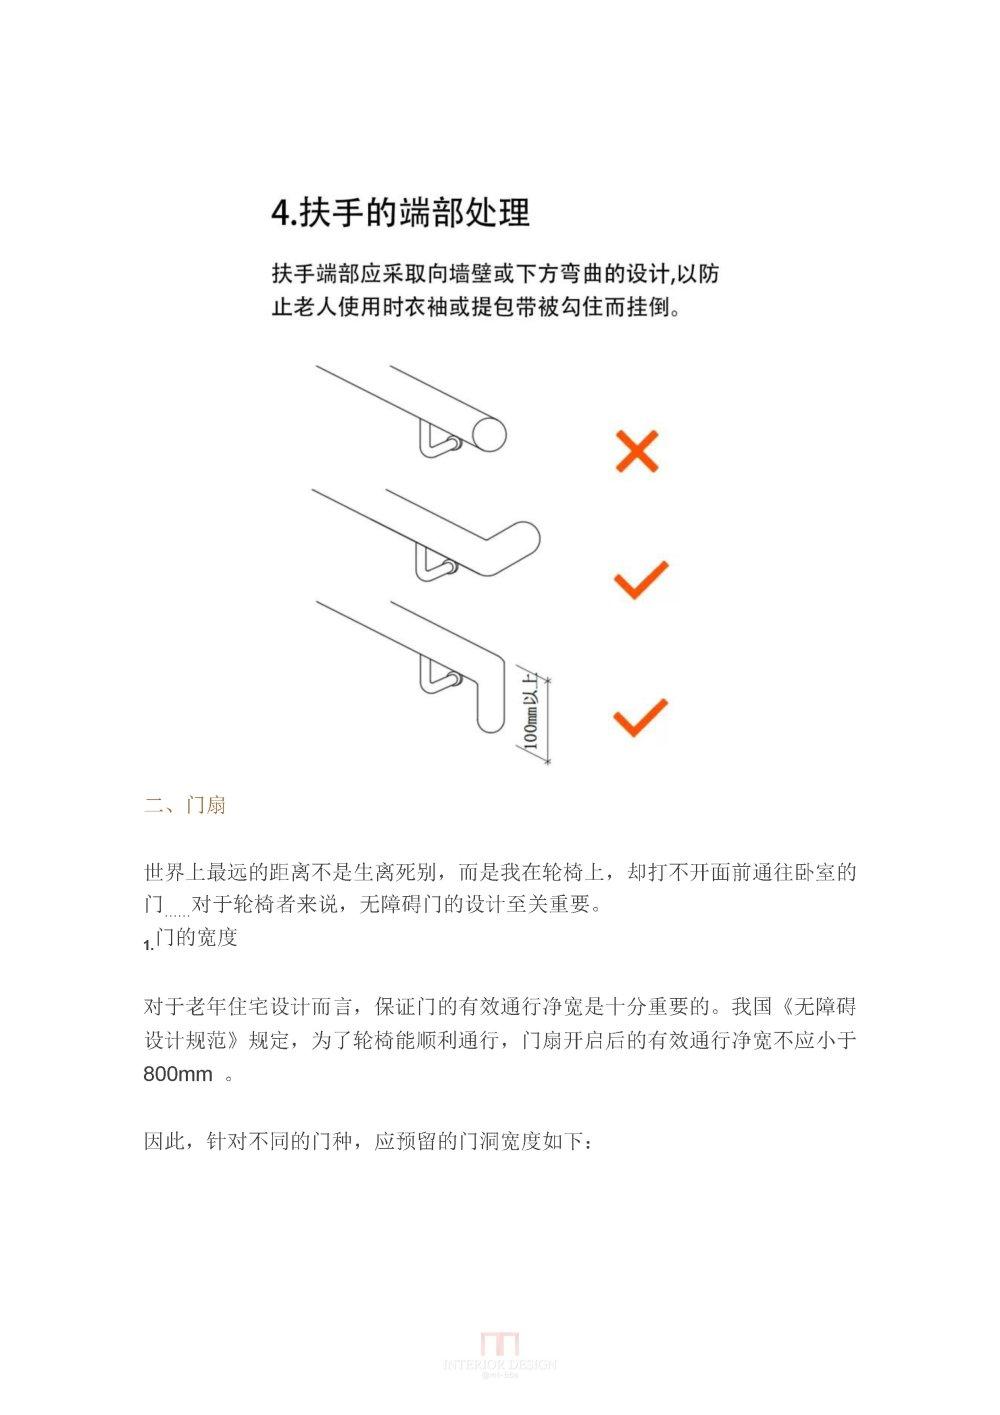 设计师必读:老年住宅中的细节设计(经典)_111 (5).jpg